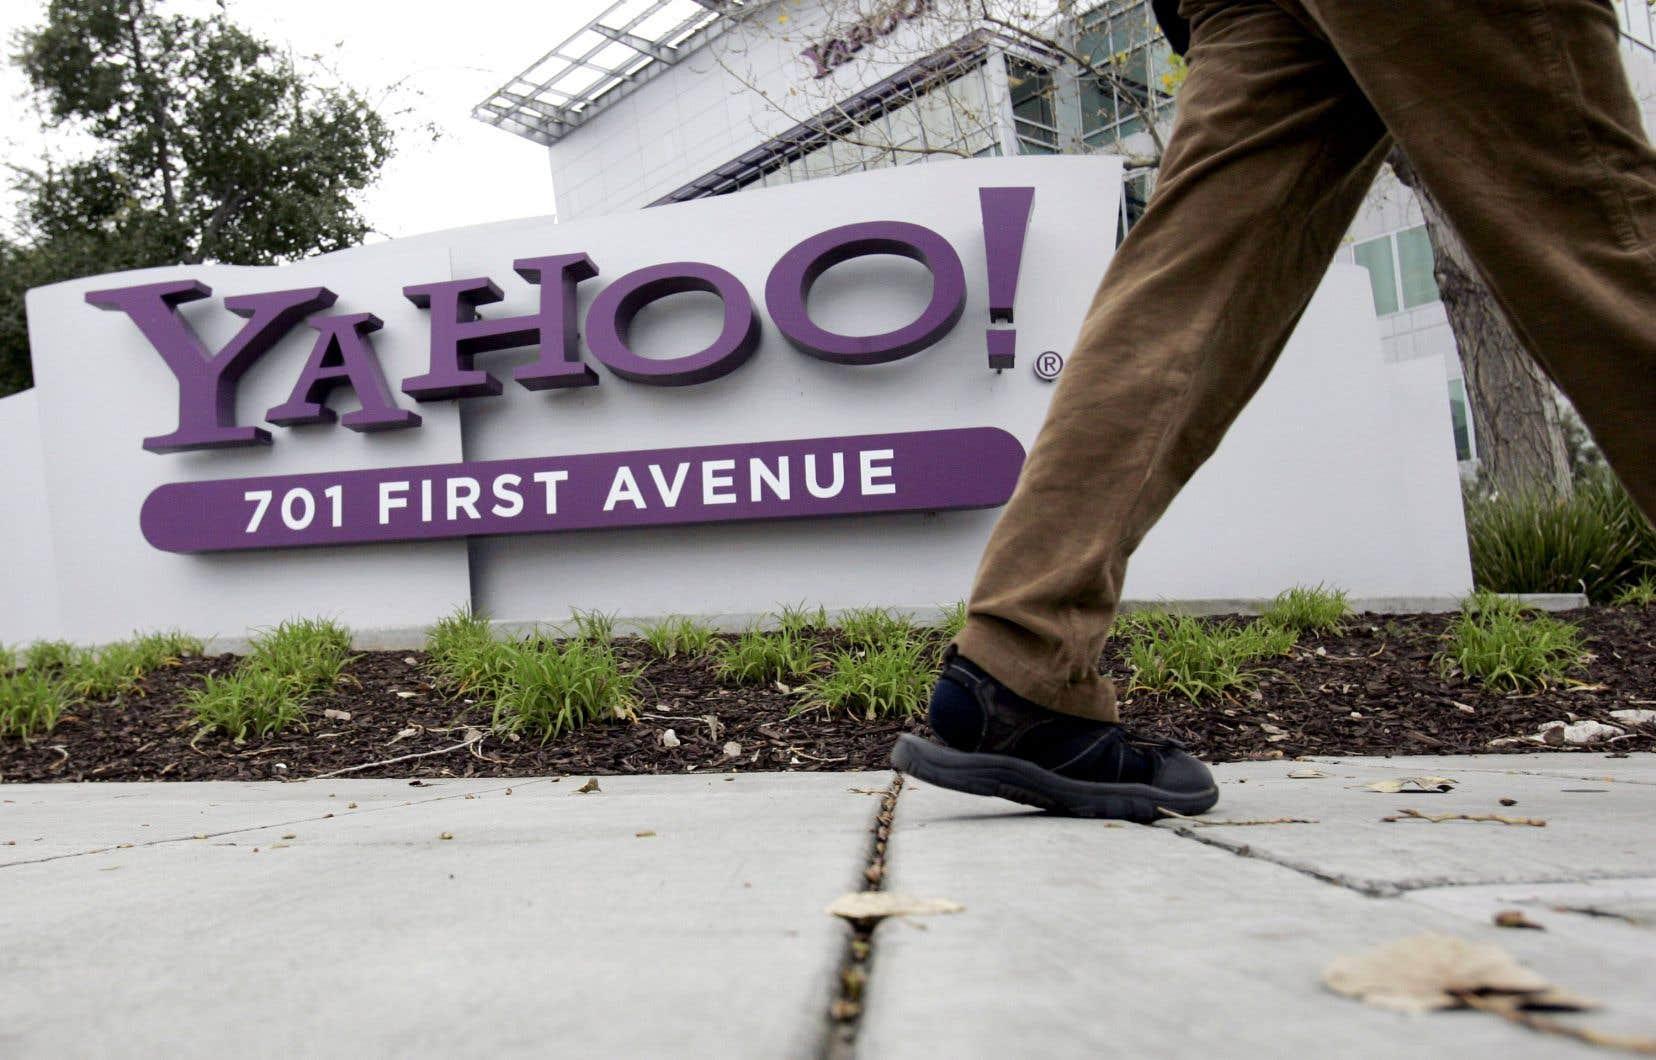 Verizon a racheté Yahoo! en juin pour 4,5milliards de dollars, et l'a versé avec AOL dans une nouvelle entité baptisée Oath.